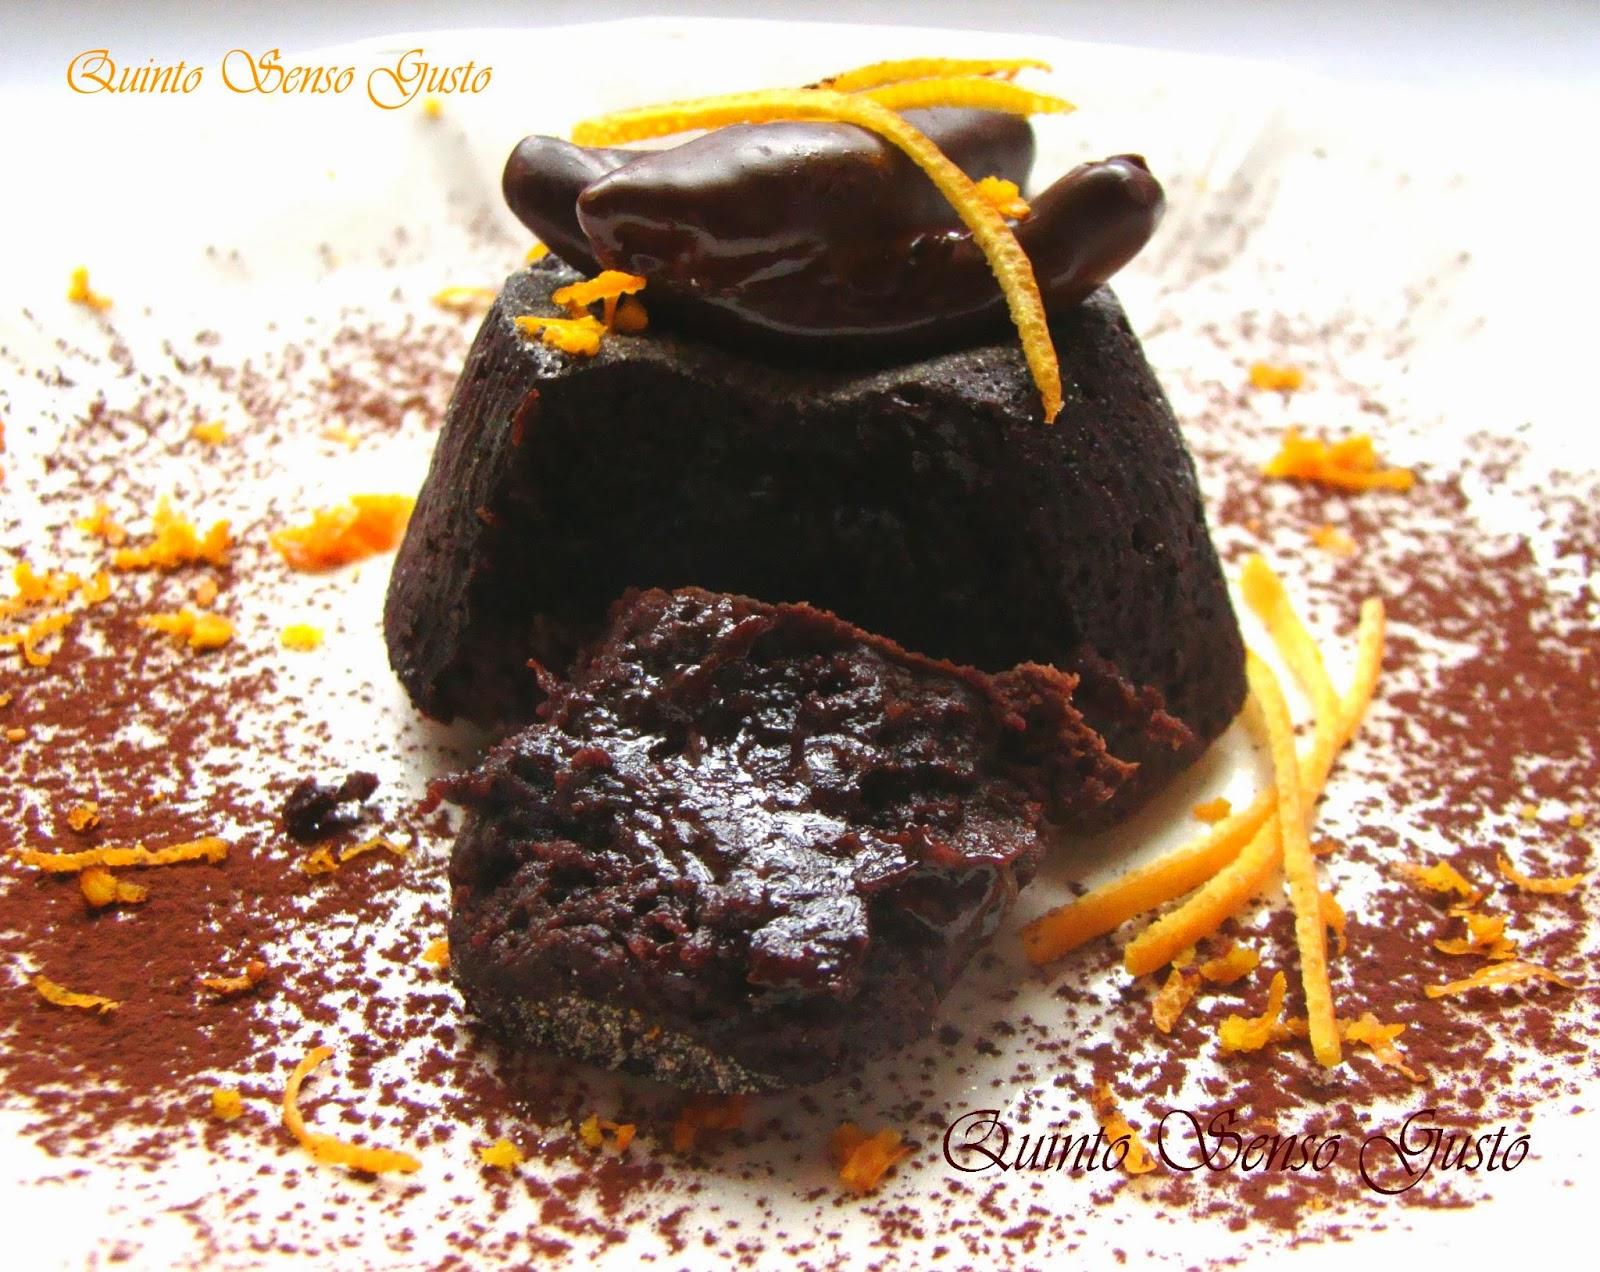 tortino caldo fondente aromatizzato all'arancia e zenzero